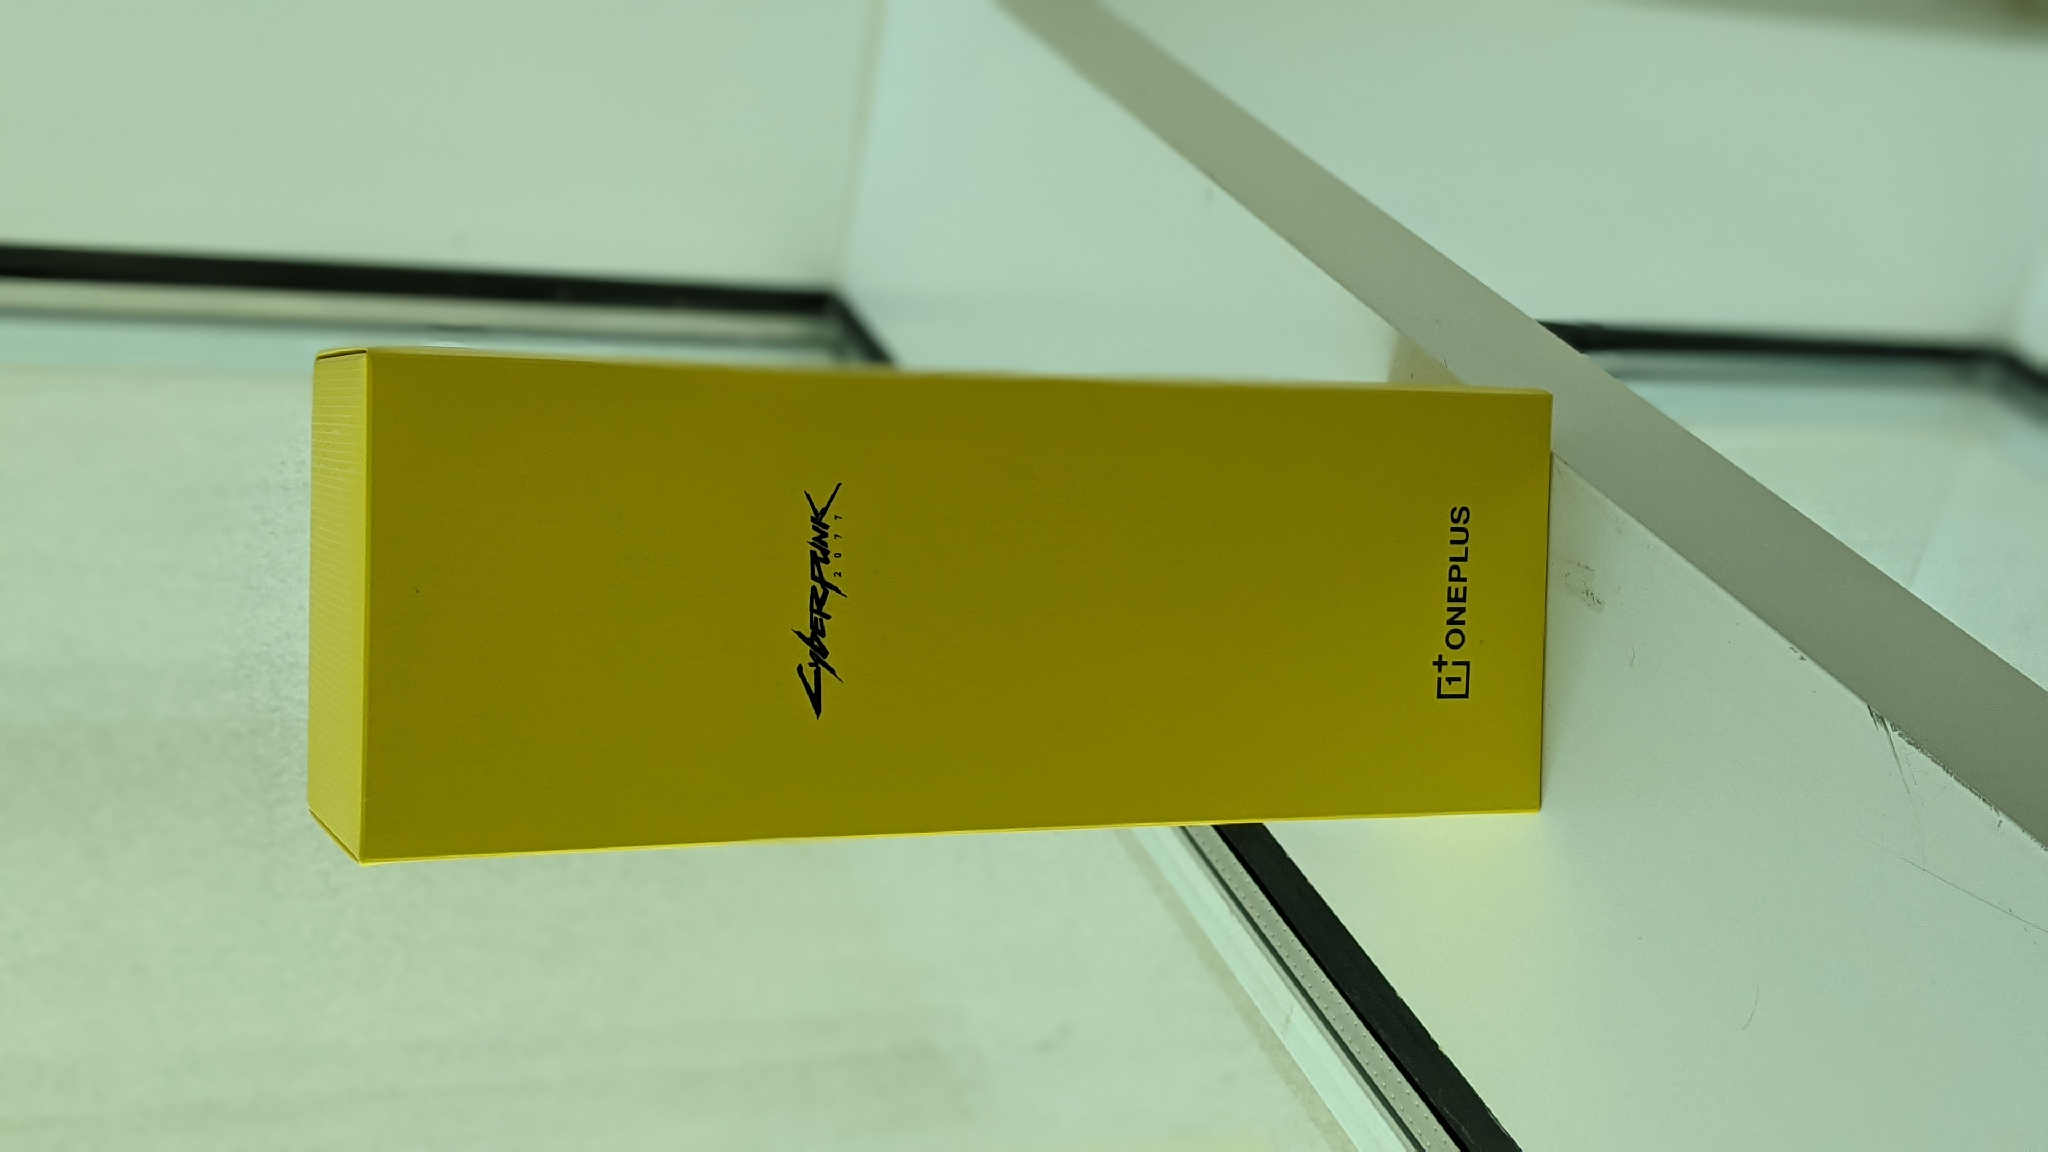 Cyberpunk OnePlus 8T 12/256